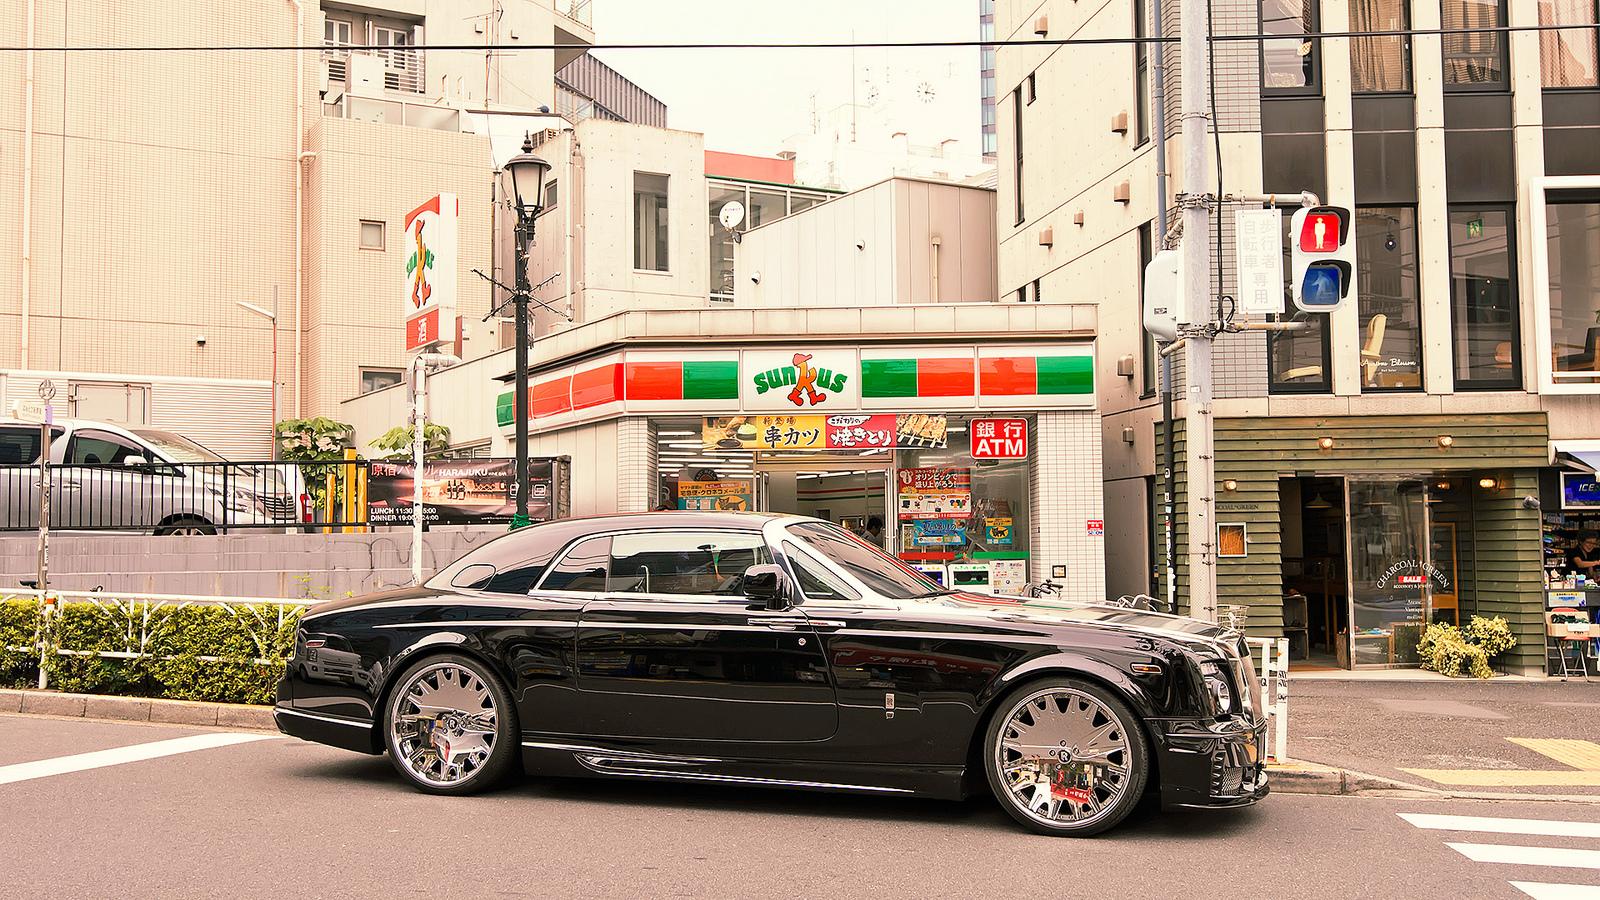 http://1.bp.blogspot.com/-uuixHEBEimo/UEcicyvlWLI/AAAAAAAAKK0/7g0djnz-LDo/s1600/VIP+Yakuza.jpg